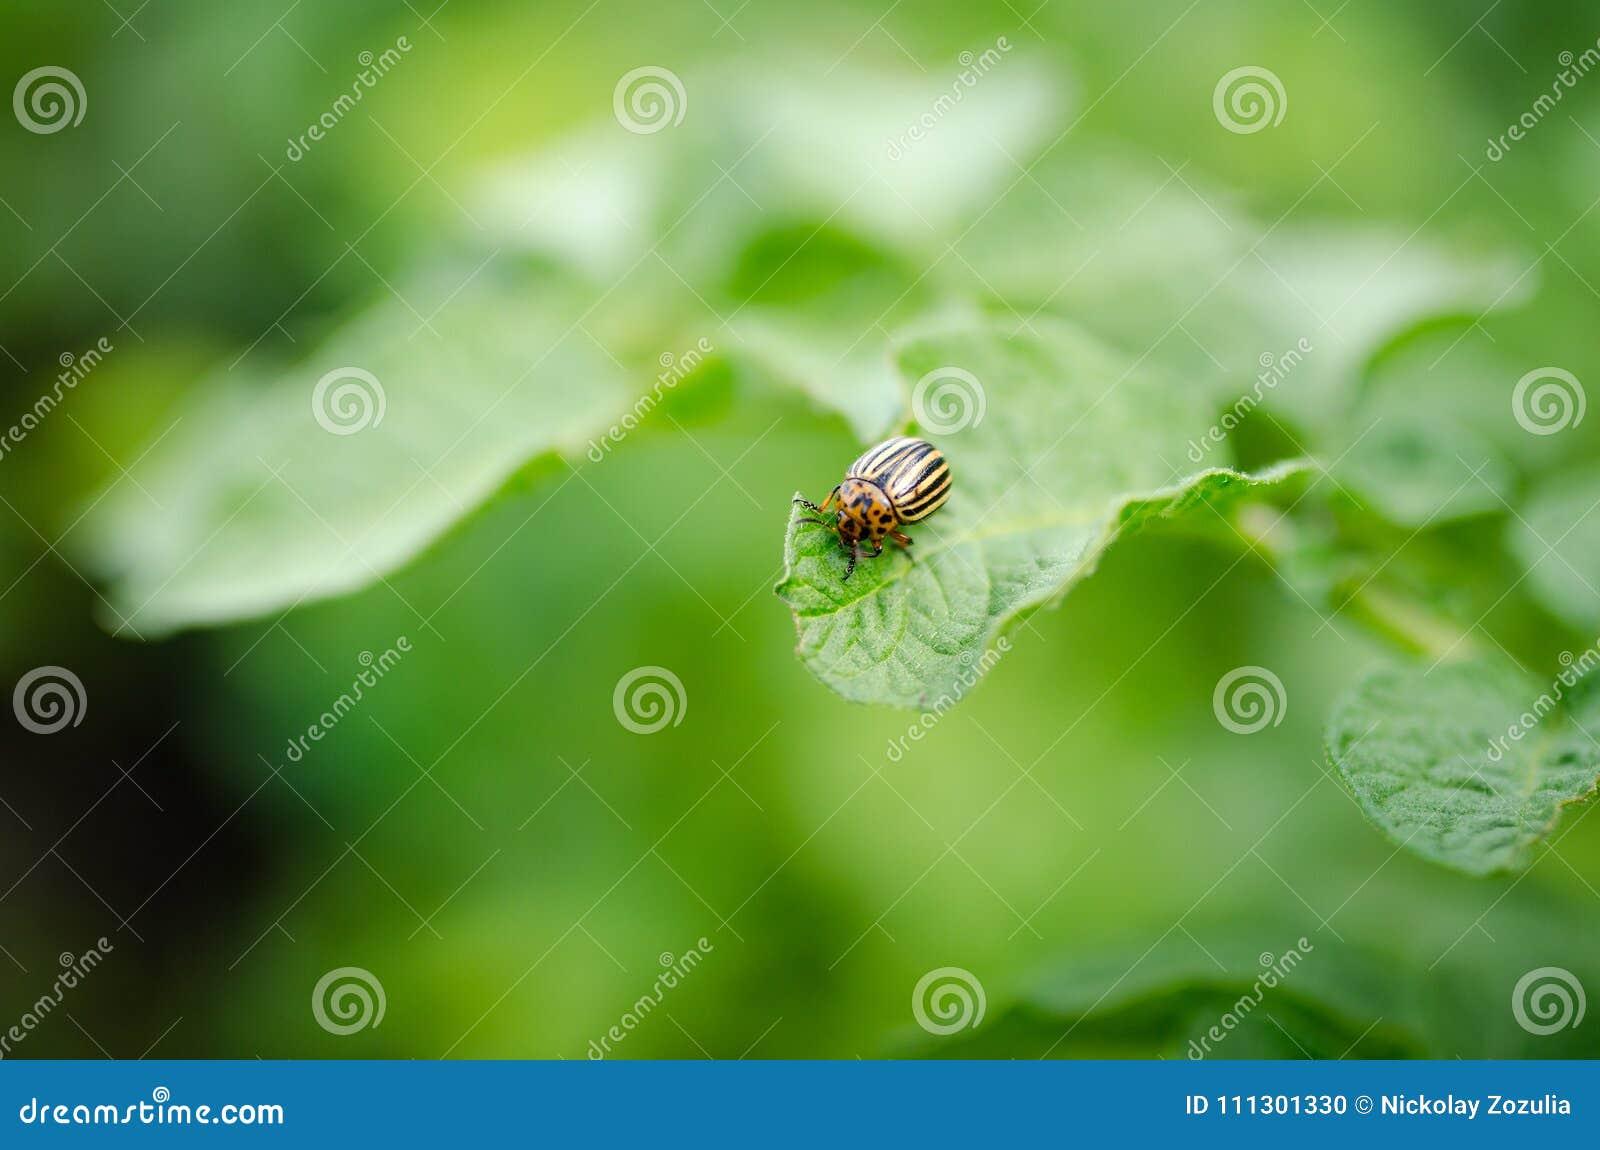 Colorado beetle eats green potato leaves